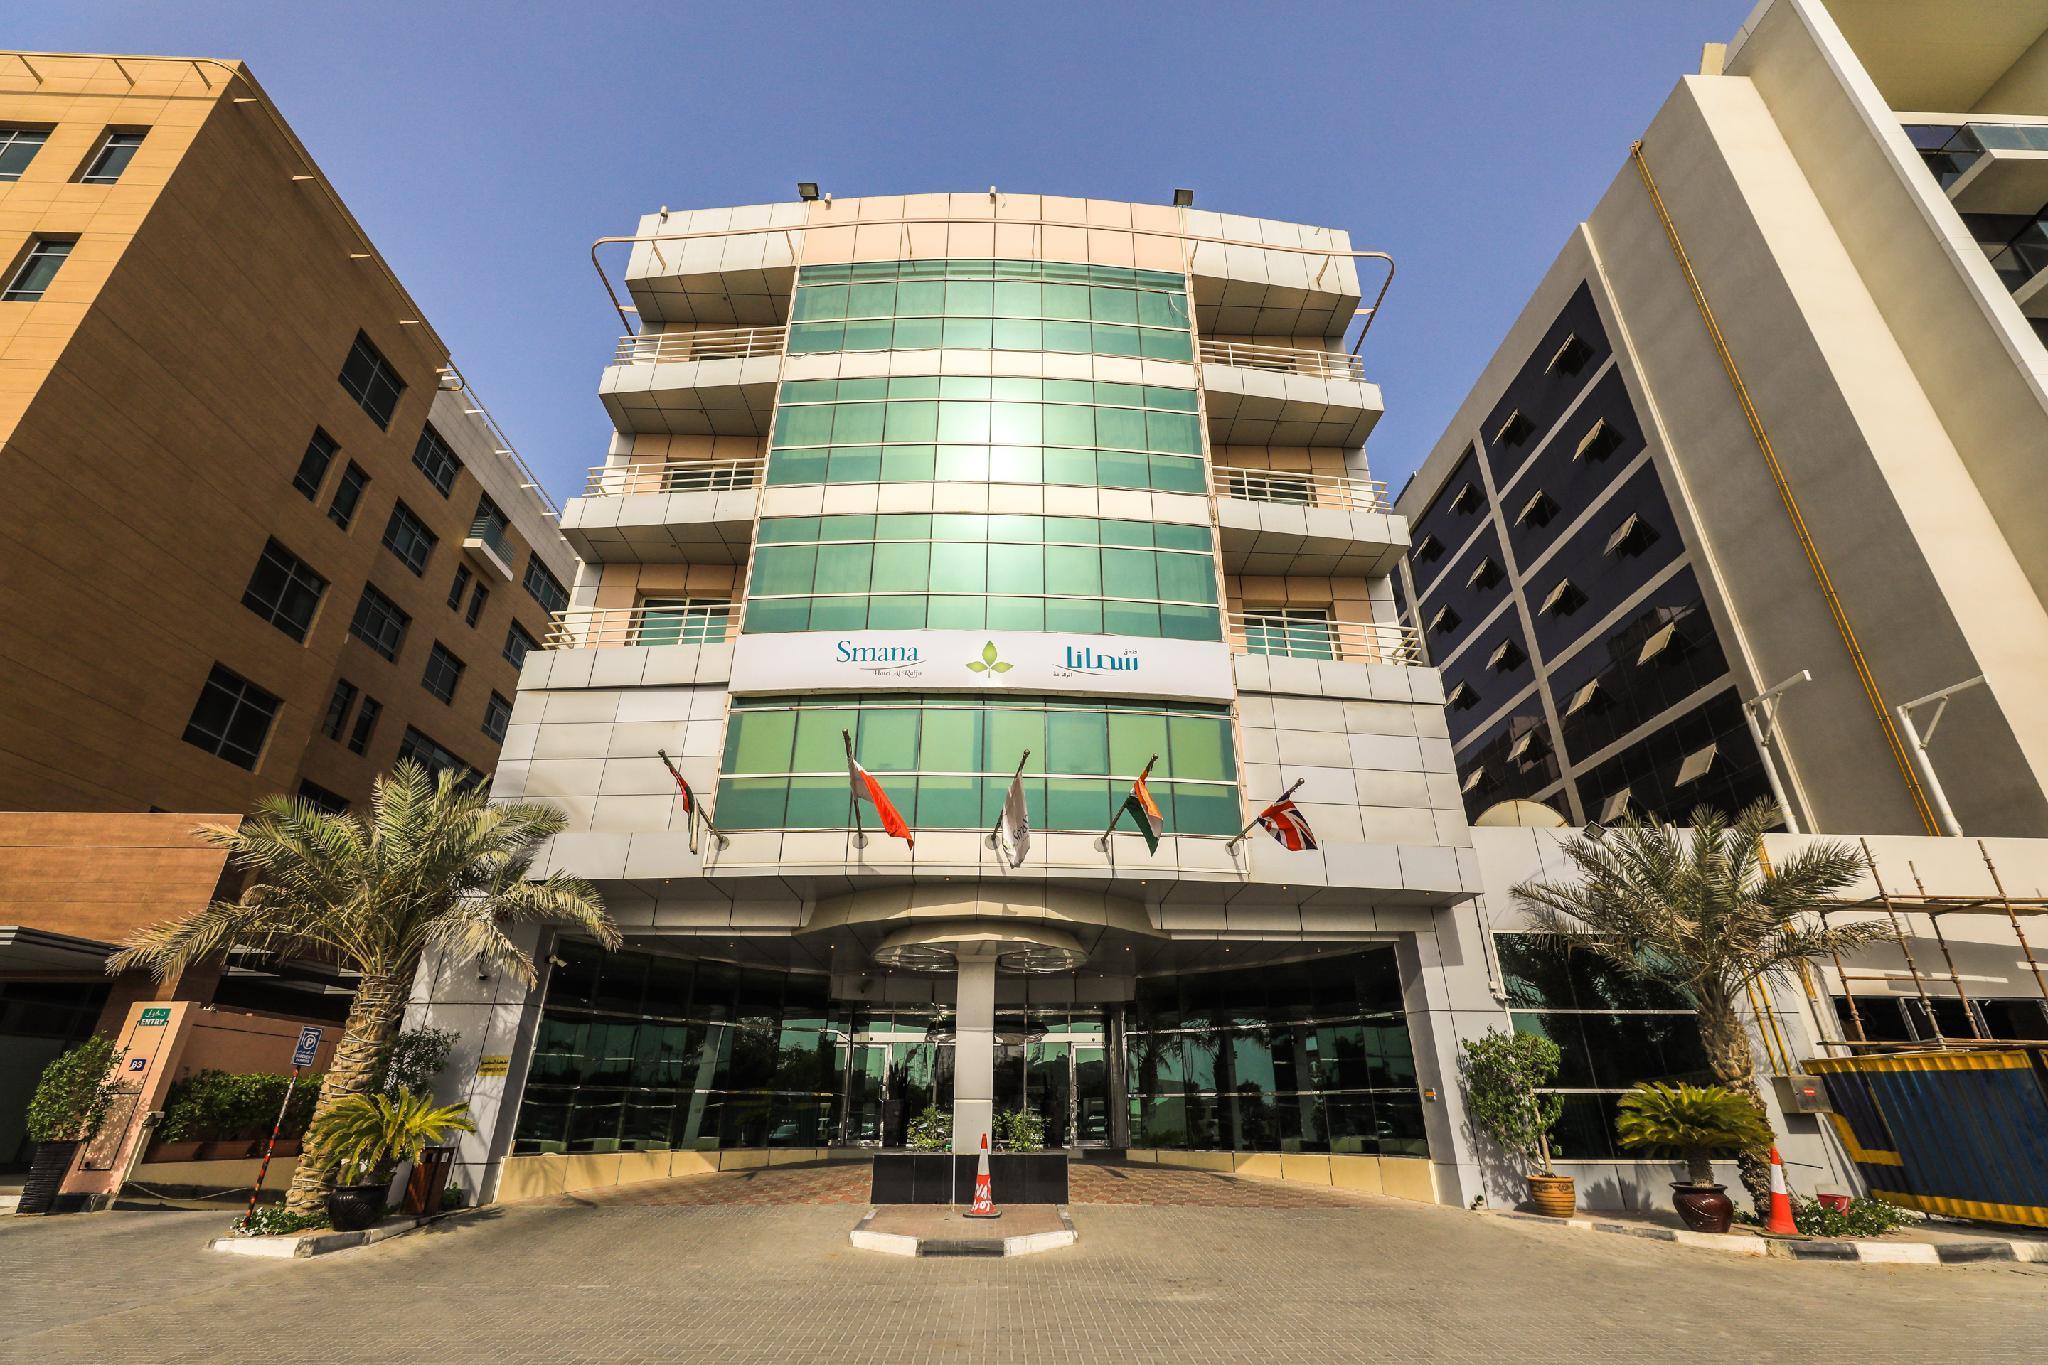 najbolja mjesta za pretragu u Dubaijustranice za upoznavanje pisca